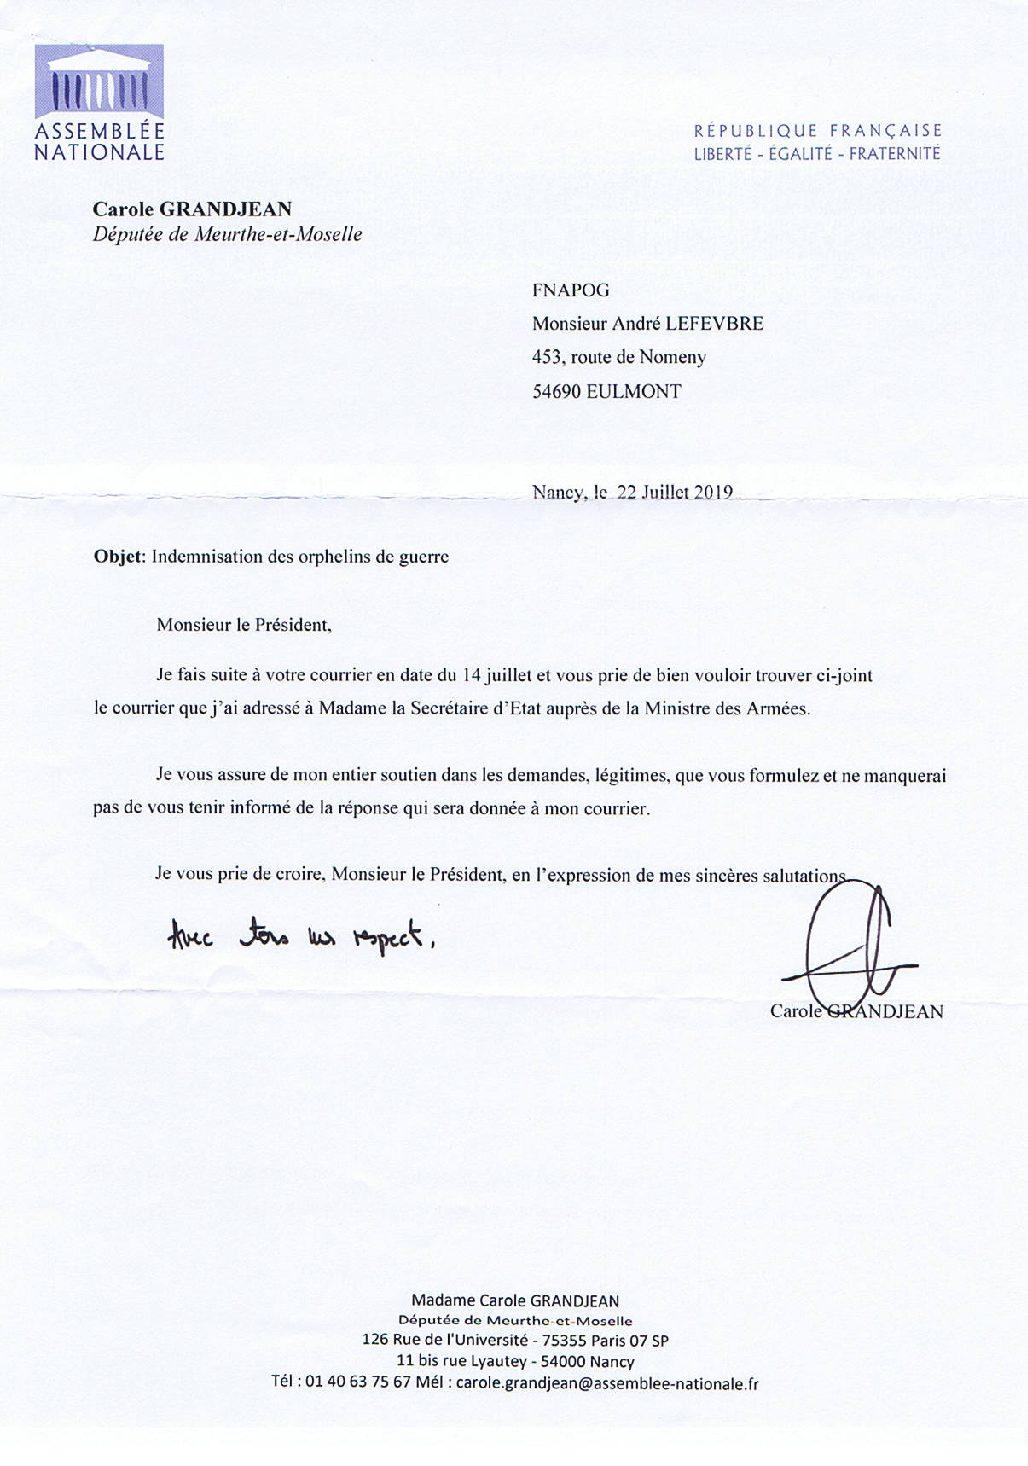 Courrier de Madame Carole Grandjean députée à Maître André Lefebvre